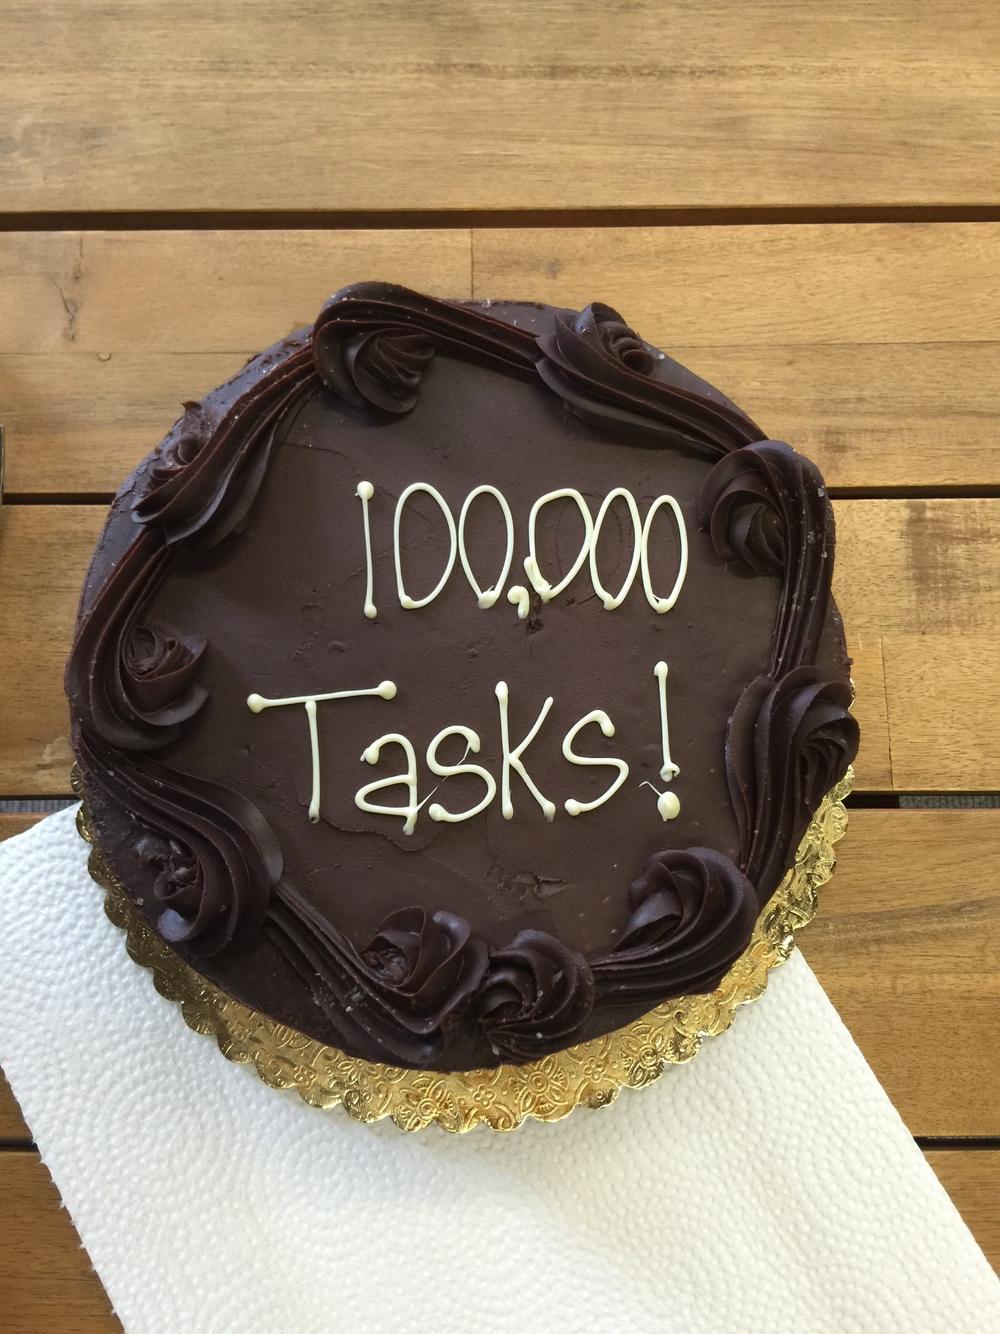 100k task cake.jpg